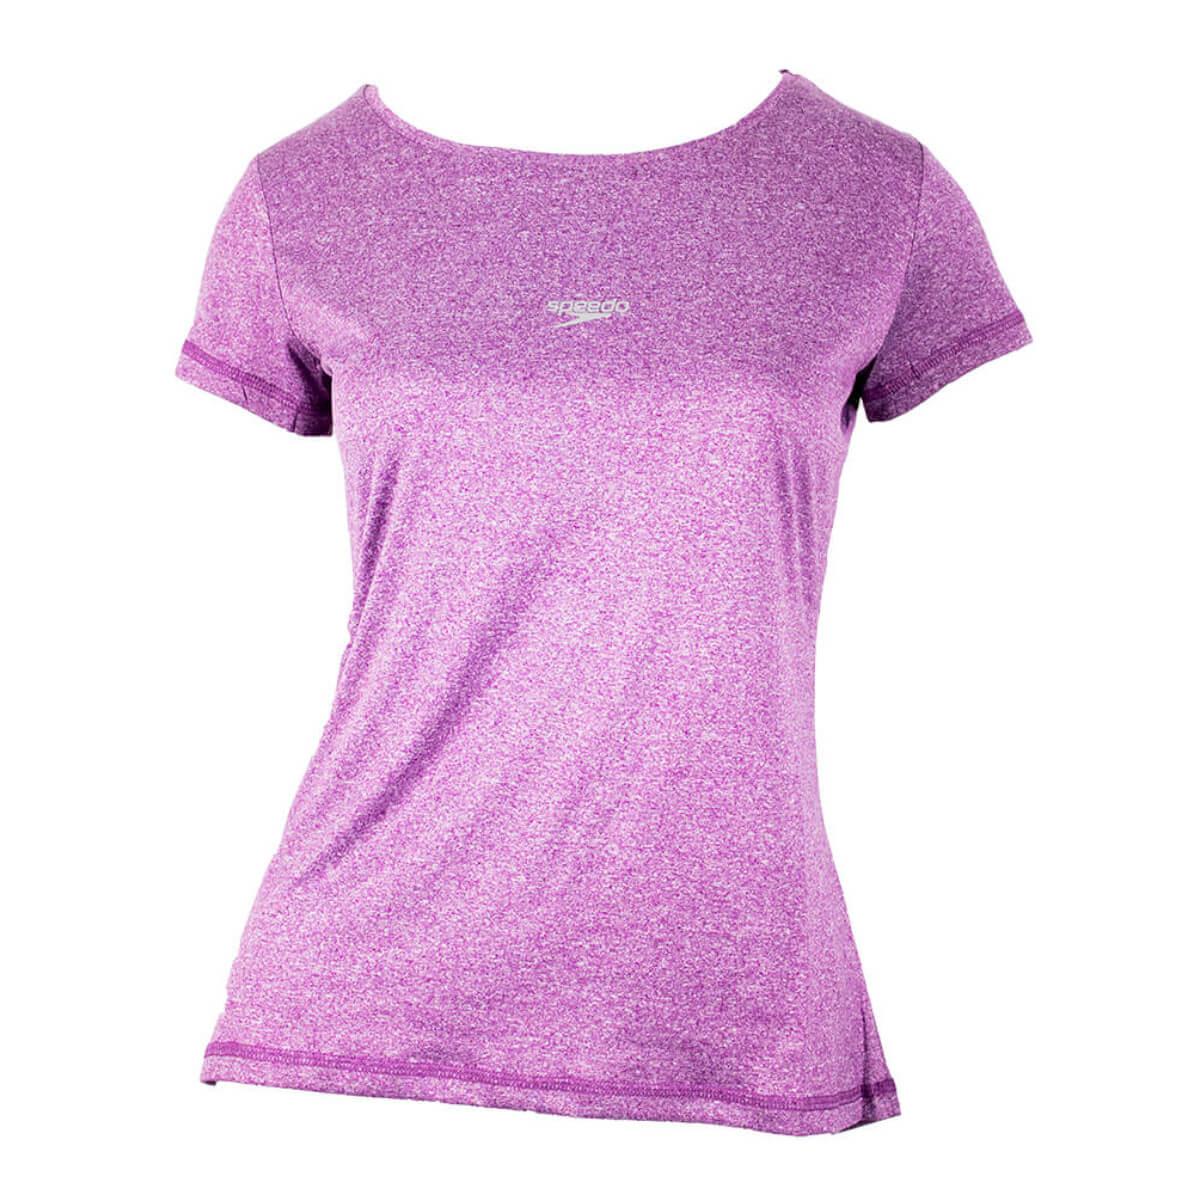 Camiseta Speedo Feminina Blend Mescla Purpura